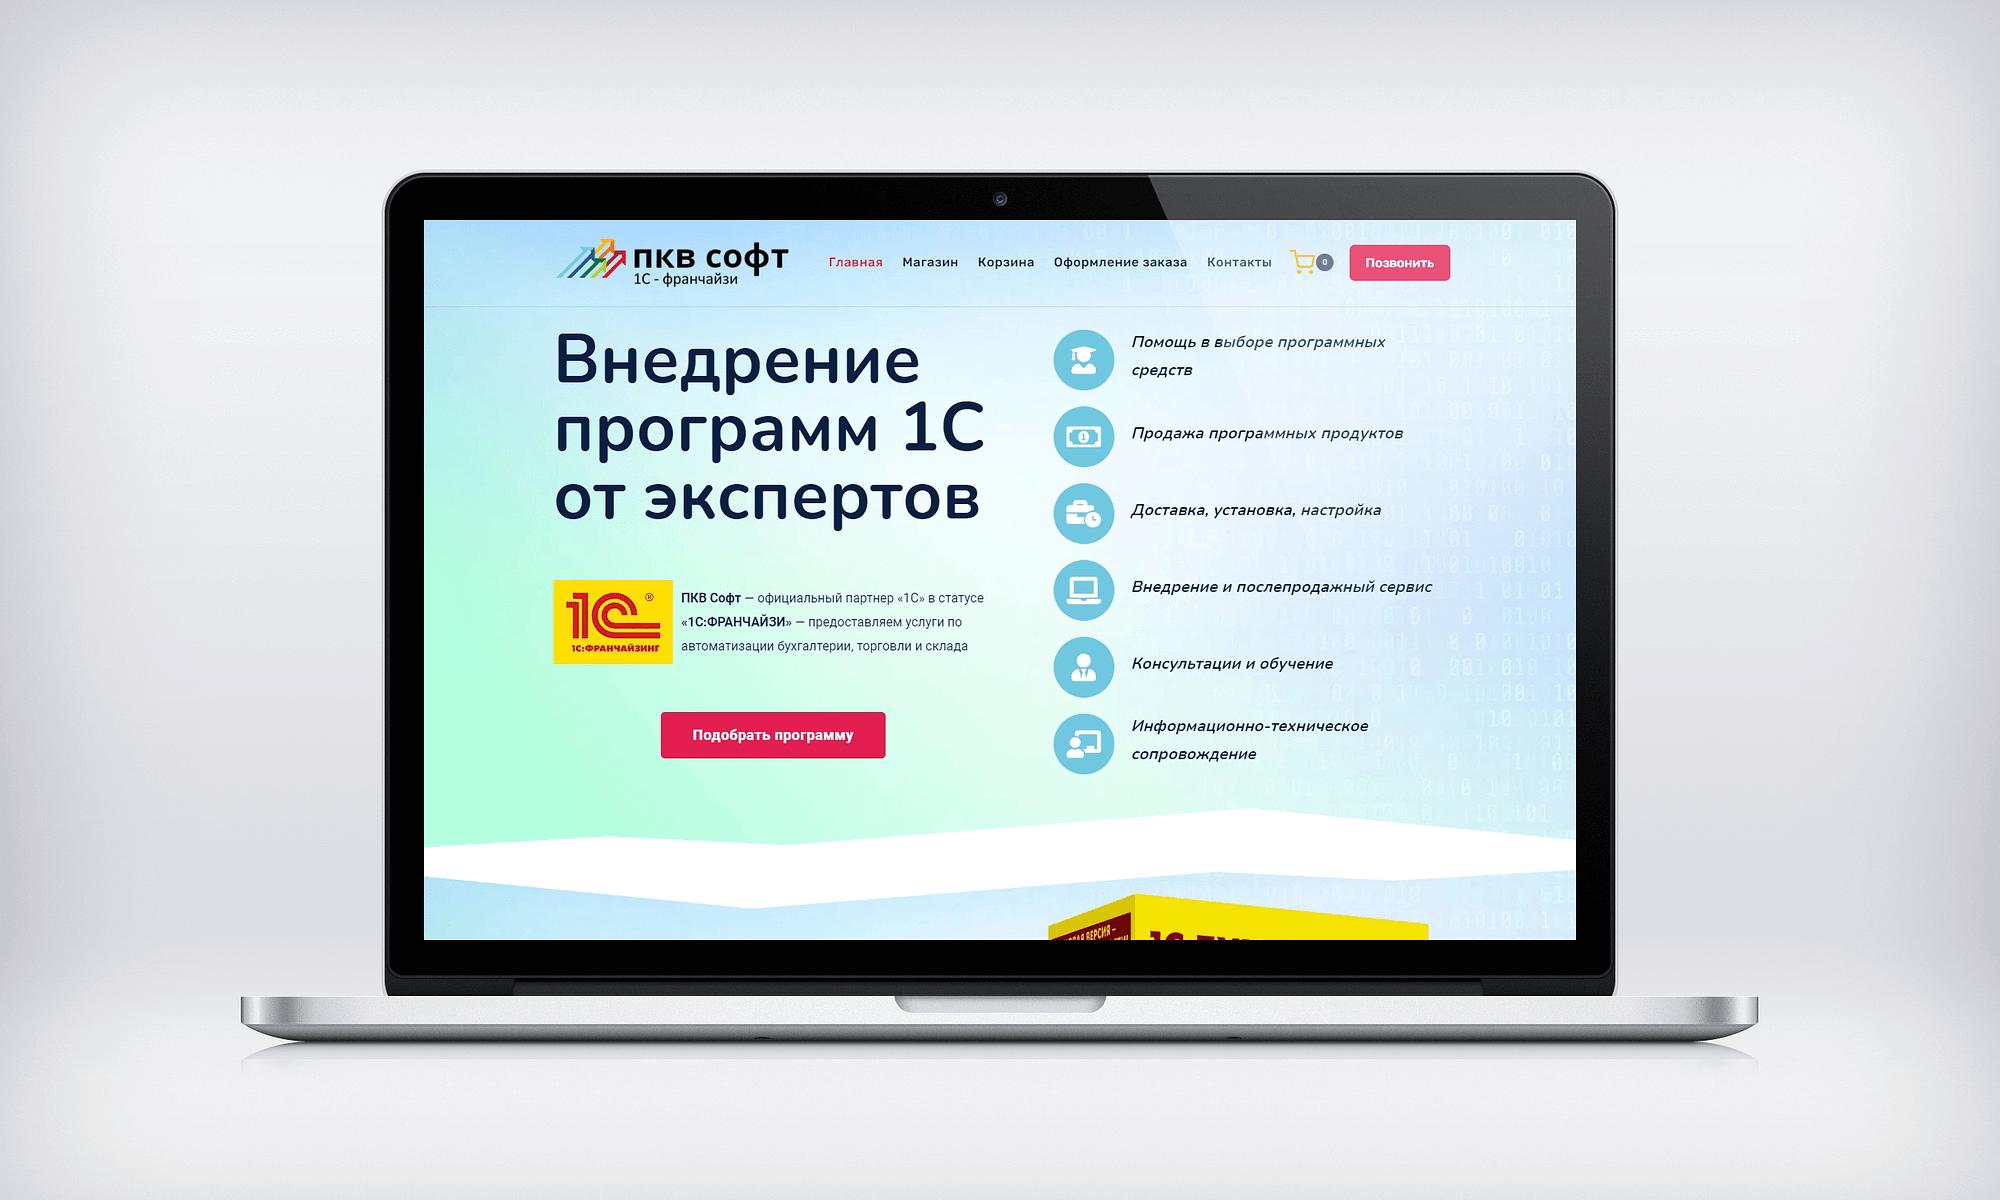 Интернет-магазин 1С-франчайзи